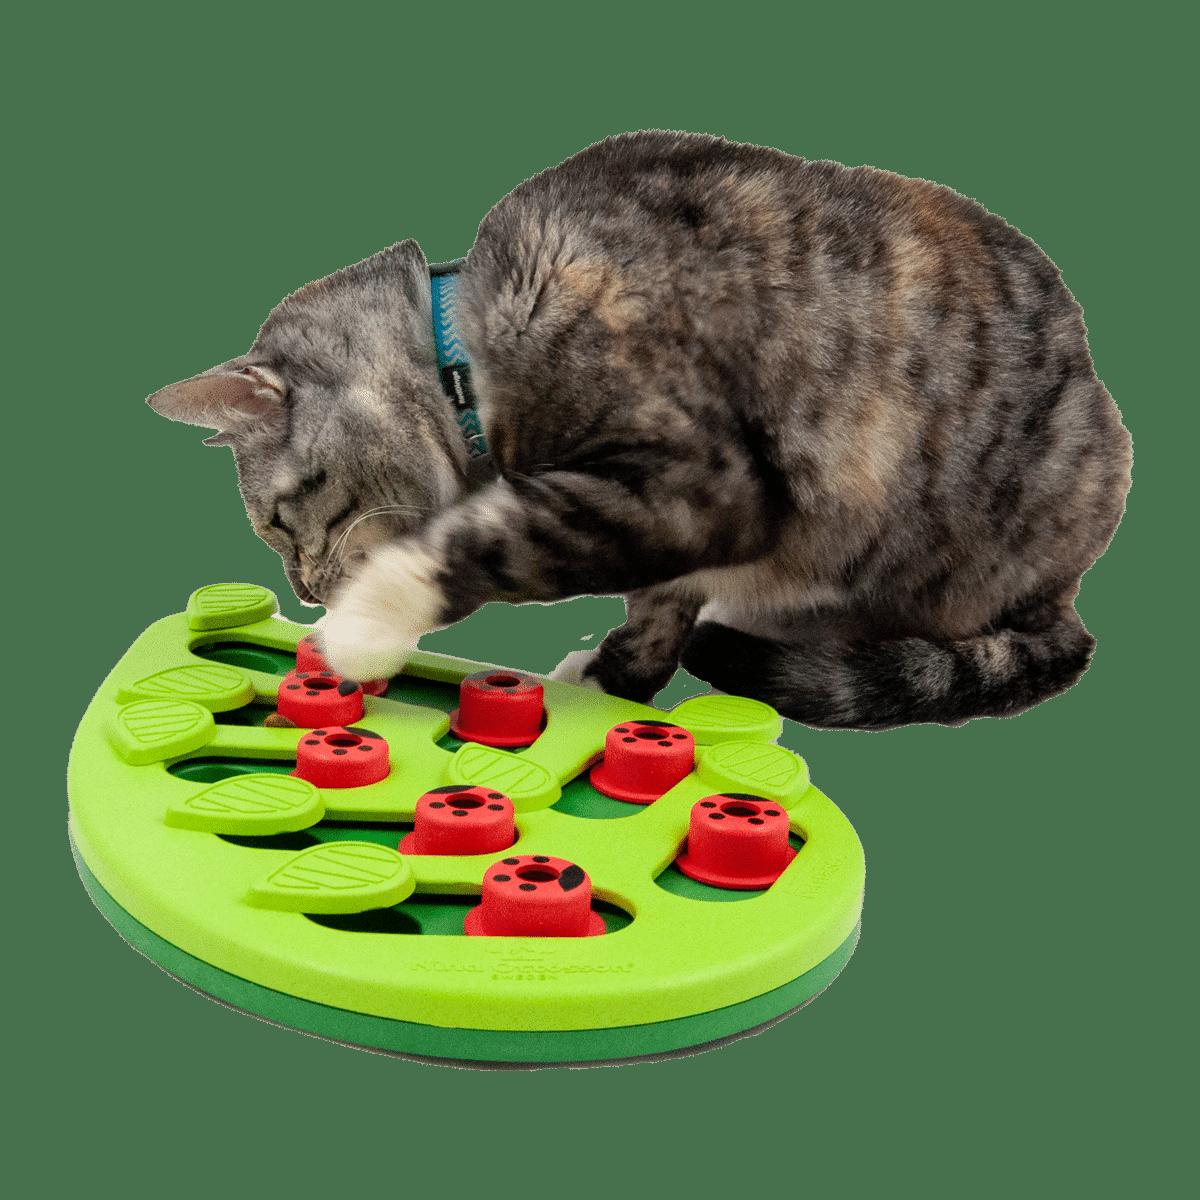 Roligt aktiveringsspel för katten- Buggin out